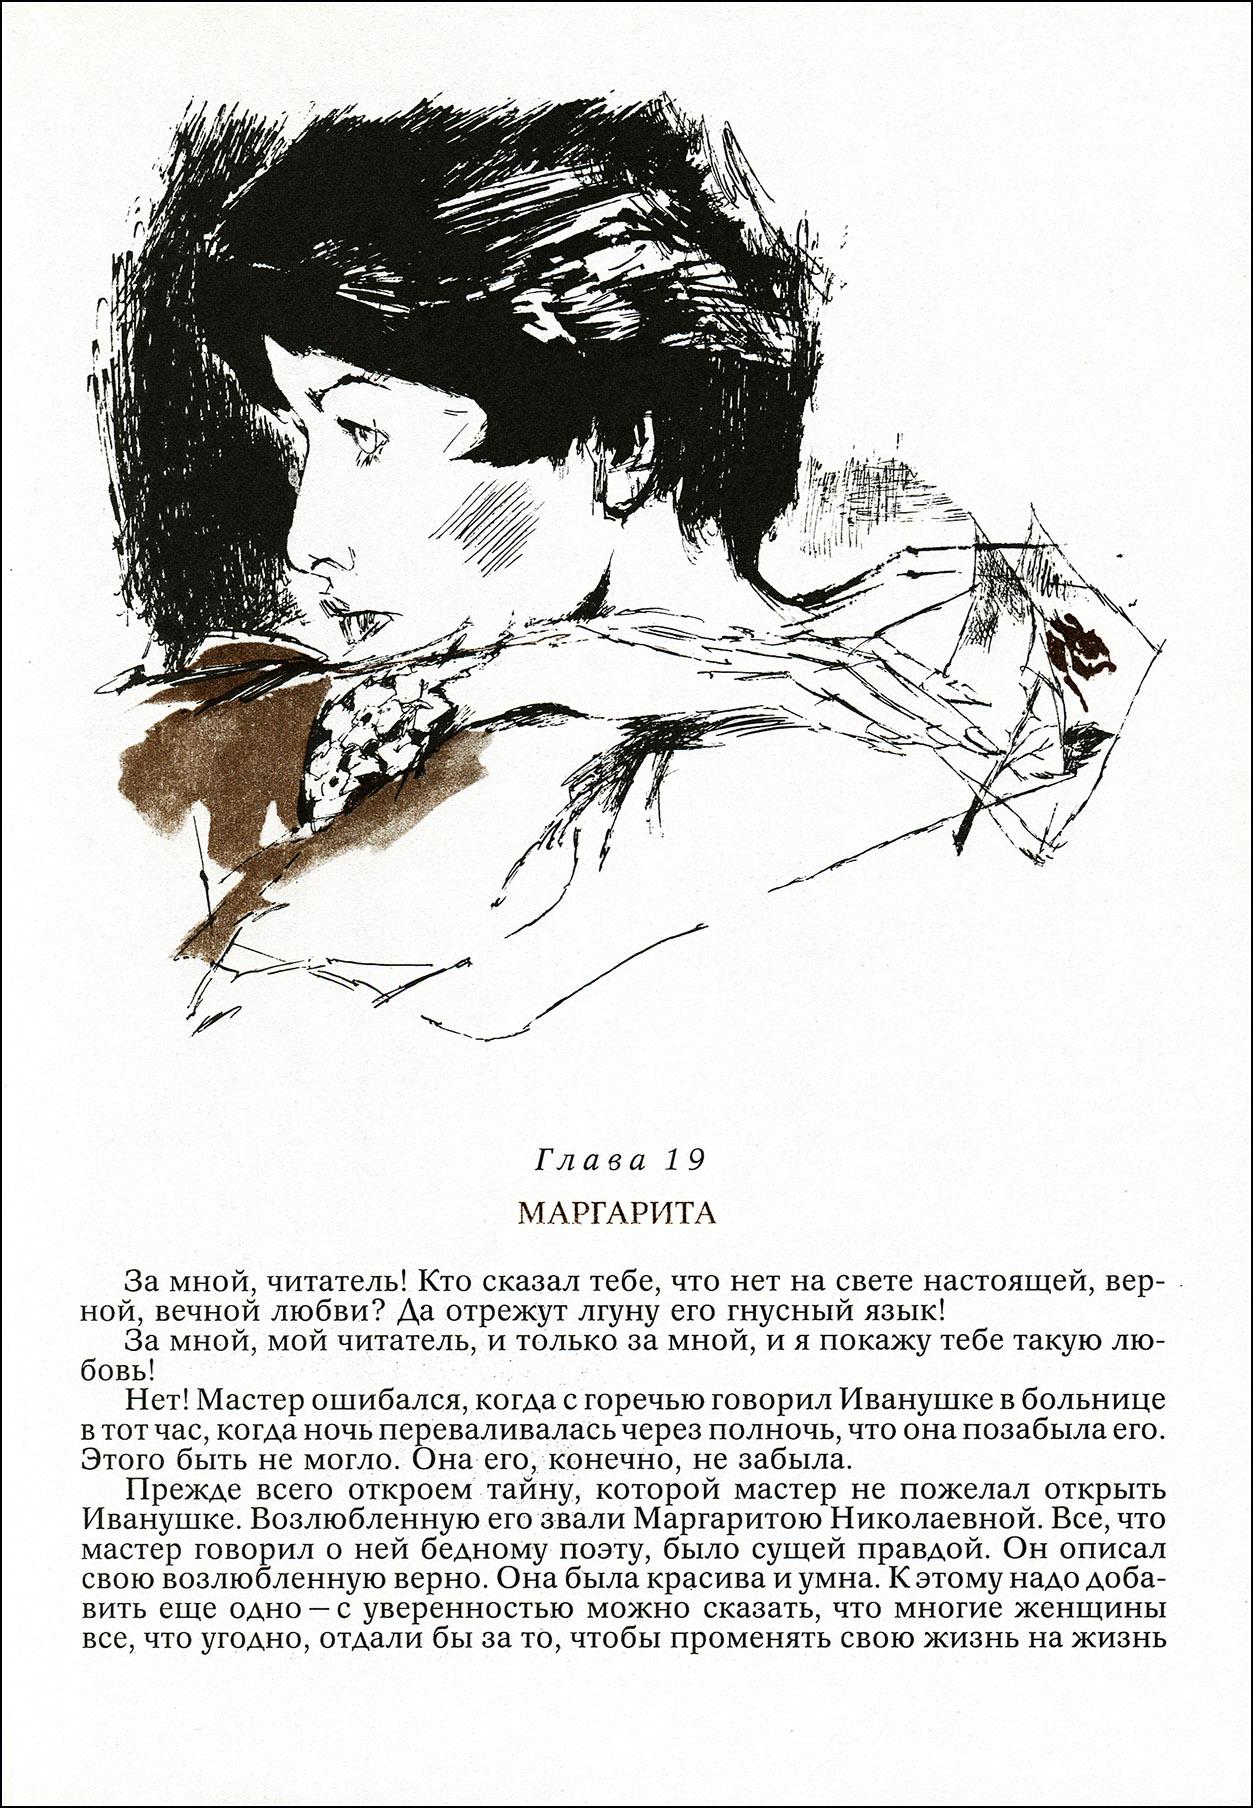 Г. Новожилов, Мастер и Маргарита